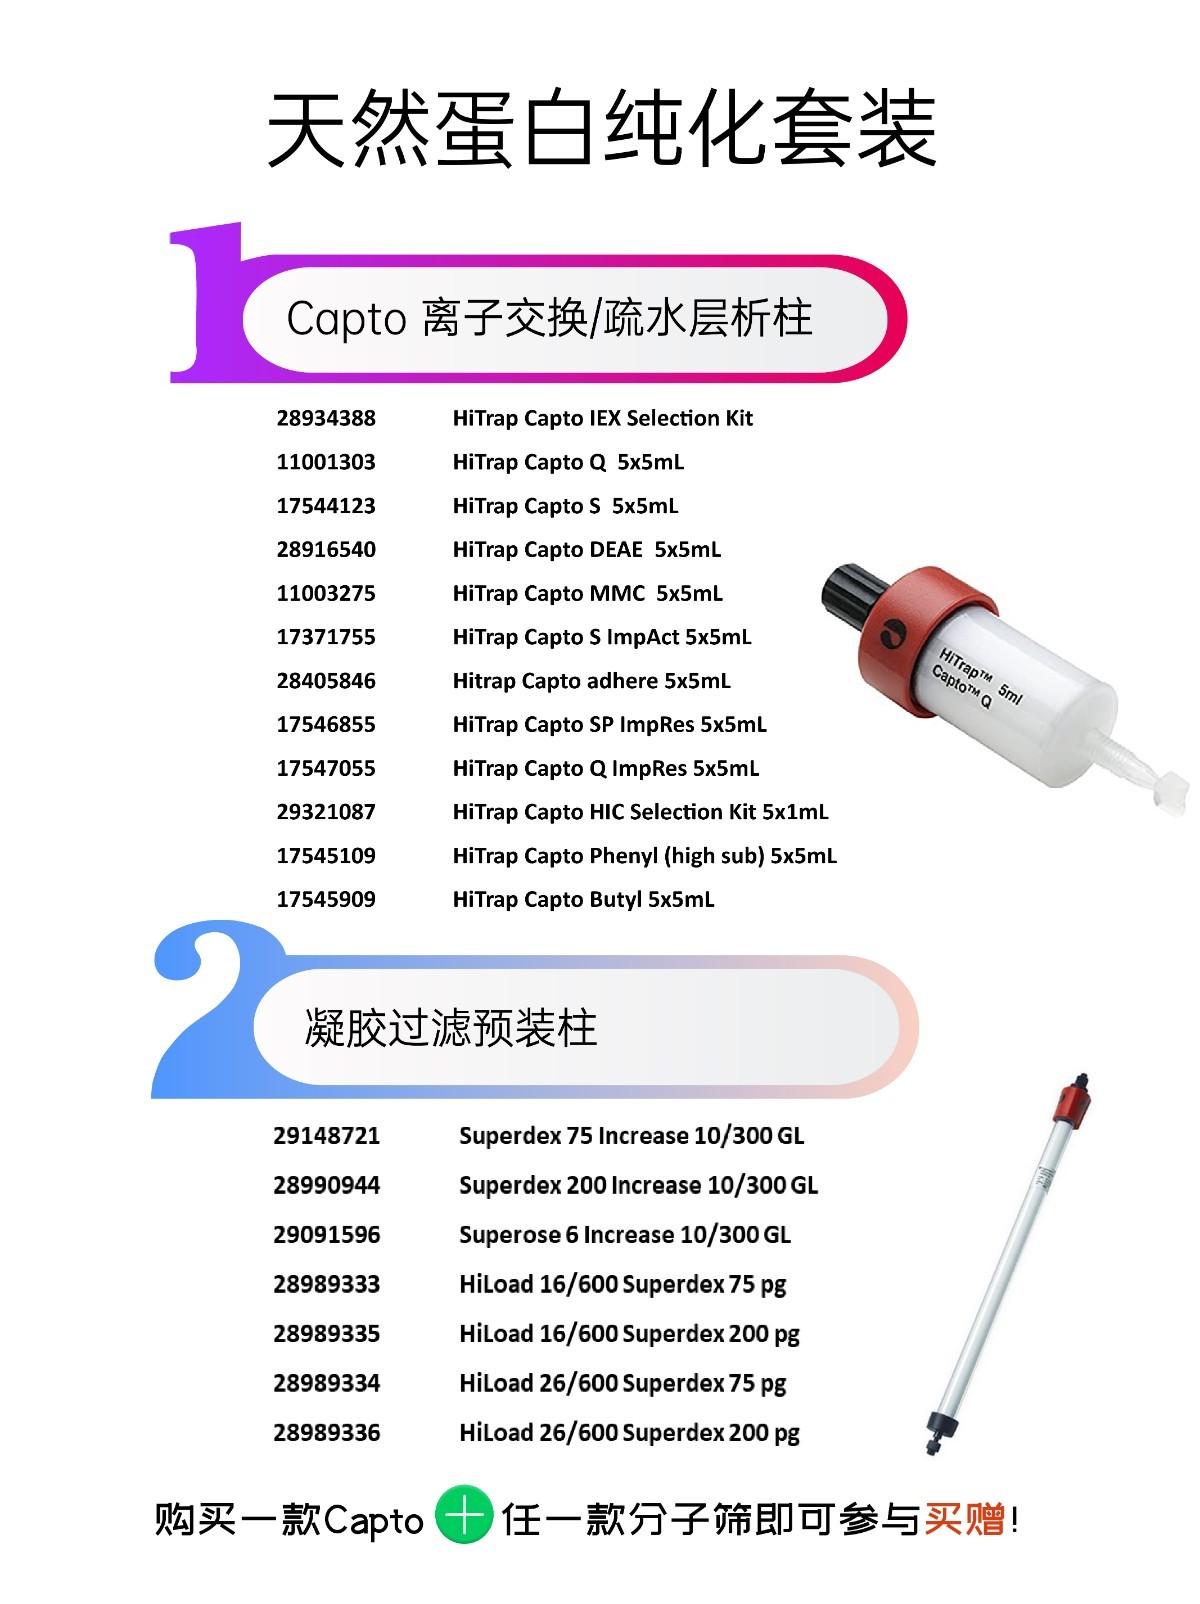 01天然蛋白纯化套装-01.jpg